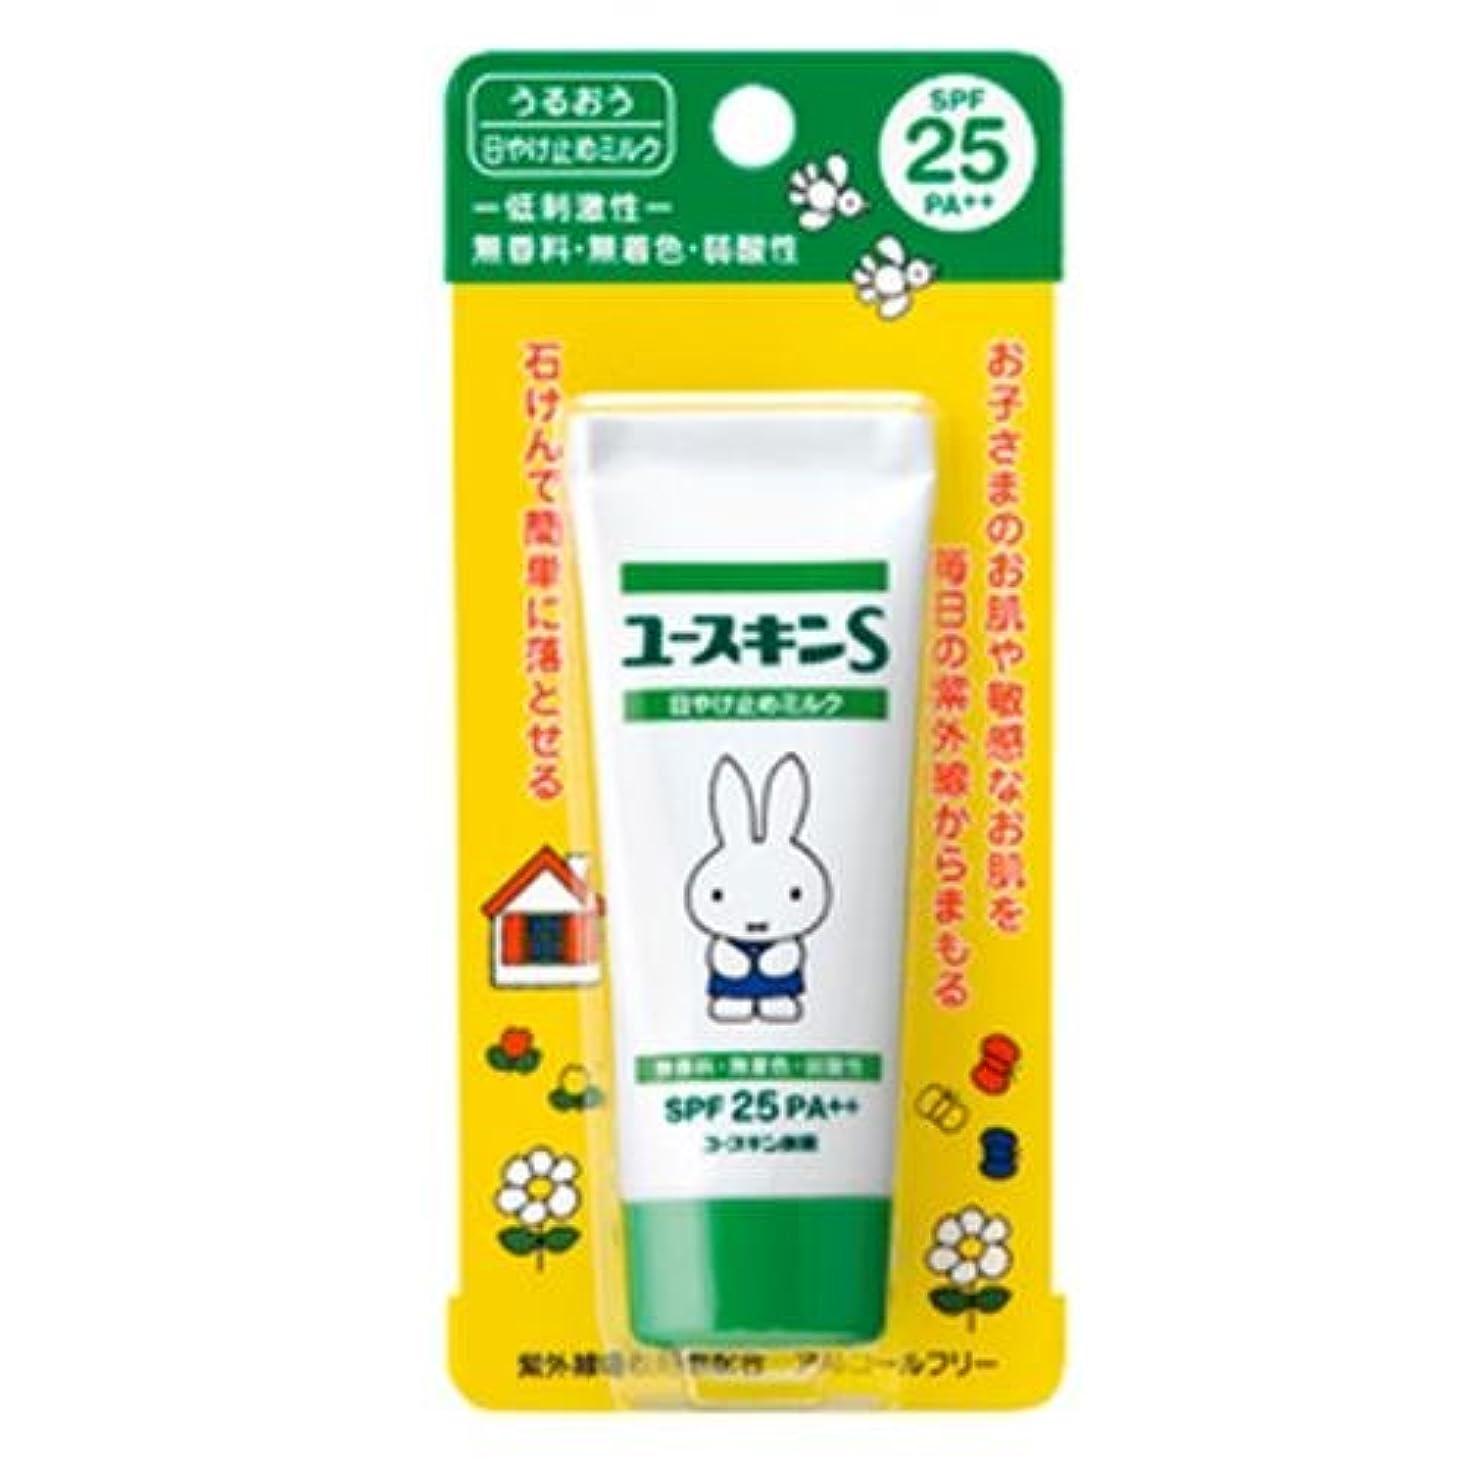 あたたかい後方返済ユースキンS UVミルク SPF25 PA++ 40g (敏感肌用 日焼け止め)